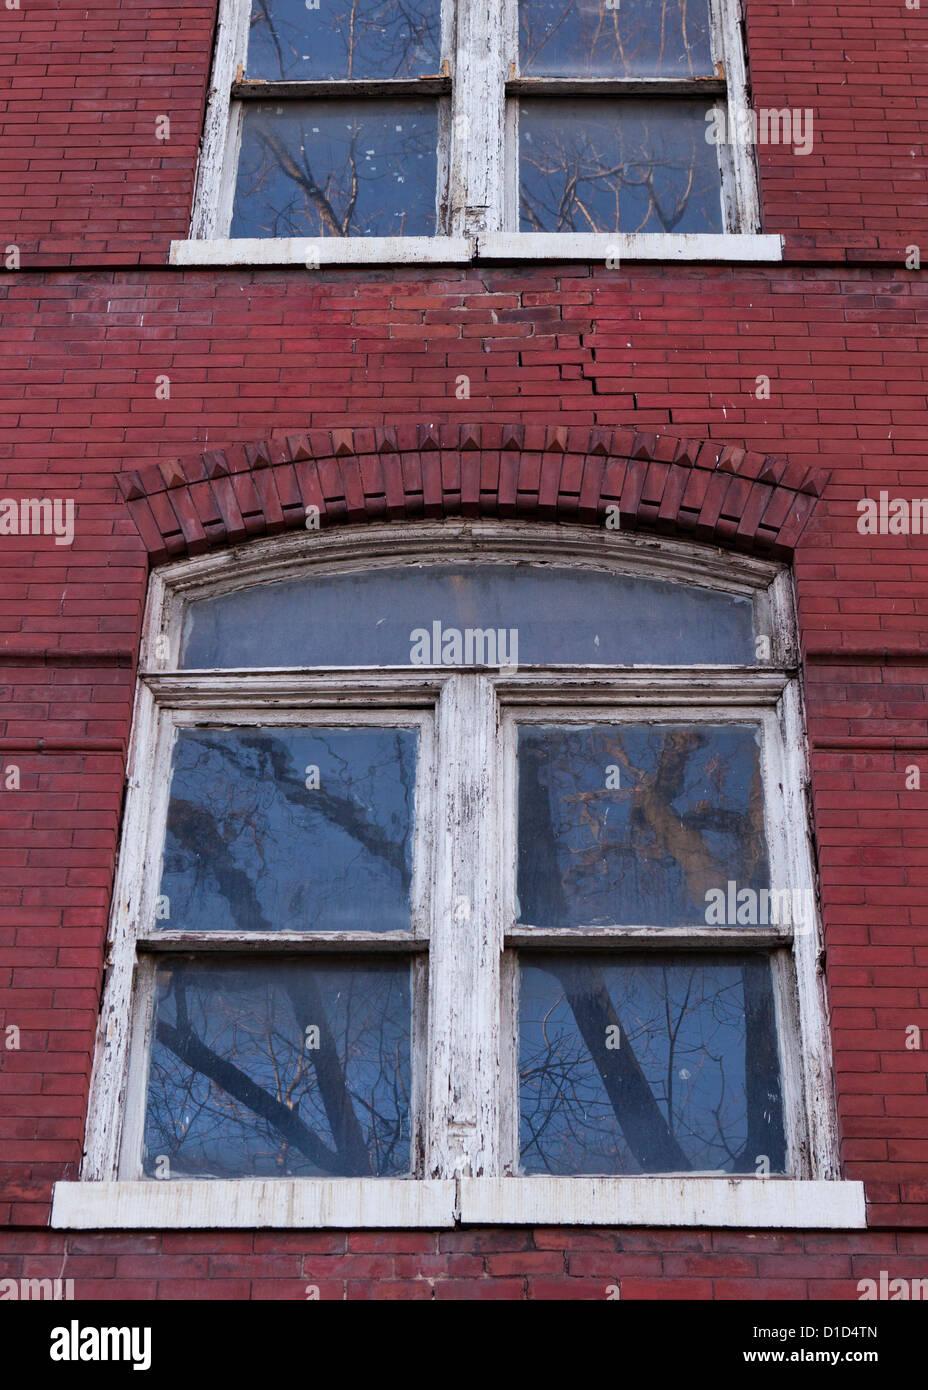 Ventanas de marco de madera vieja Imagen De Stock